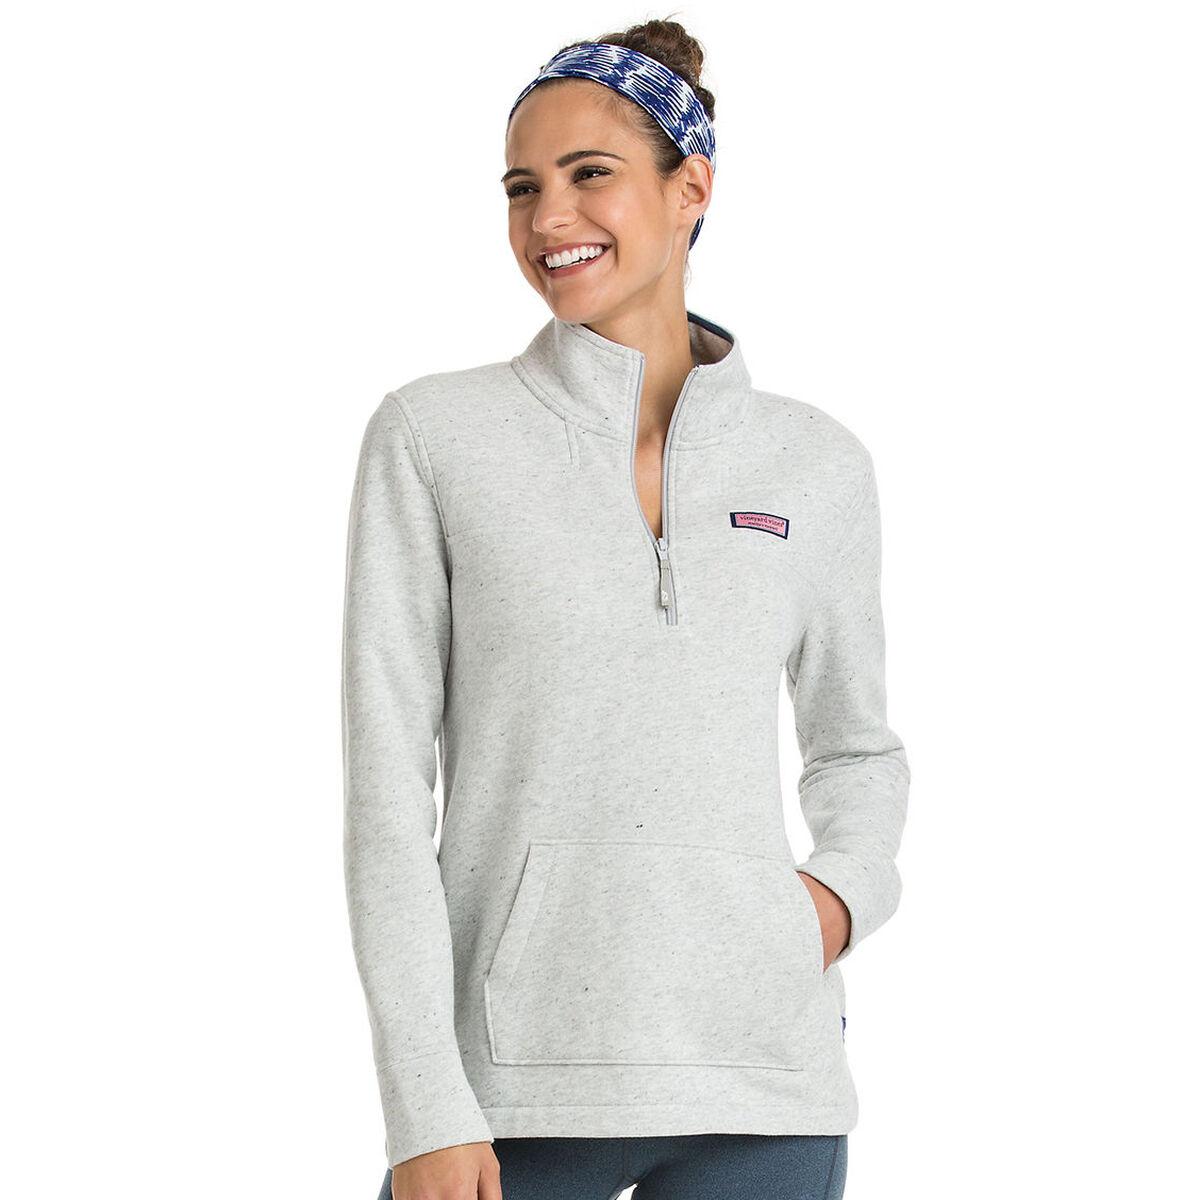 44464b552050af Vineyard Vines Heathered Pouch Pocket Shep Shirt | PGA TOUR Superstore